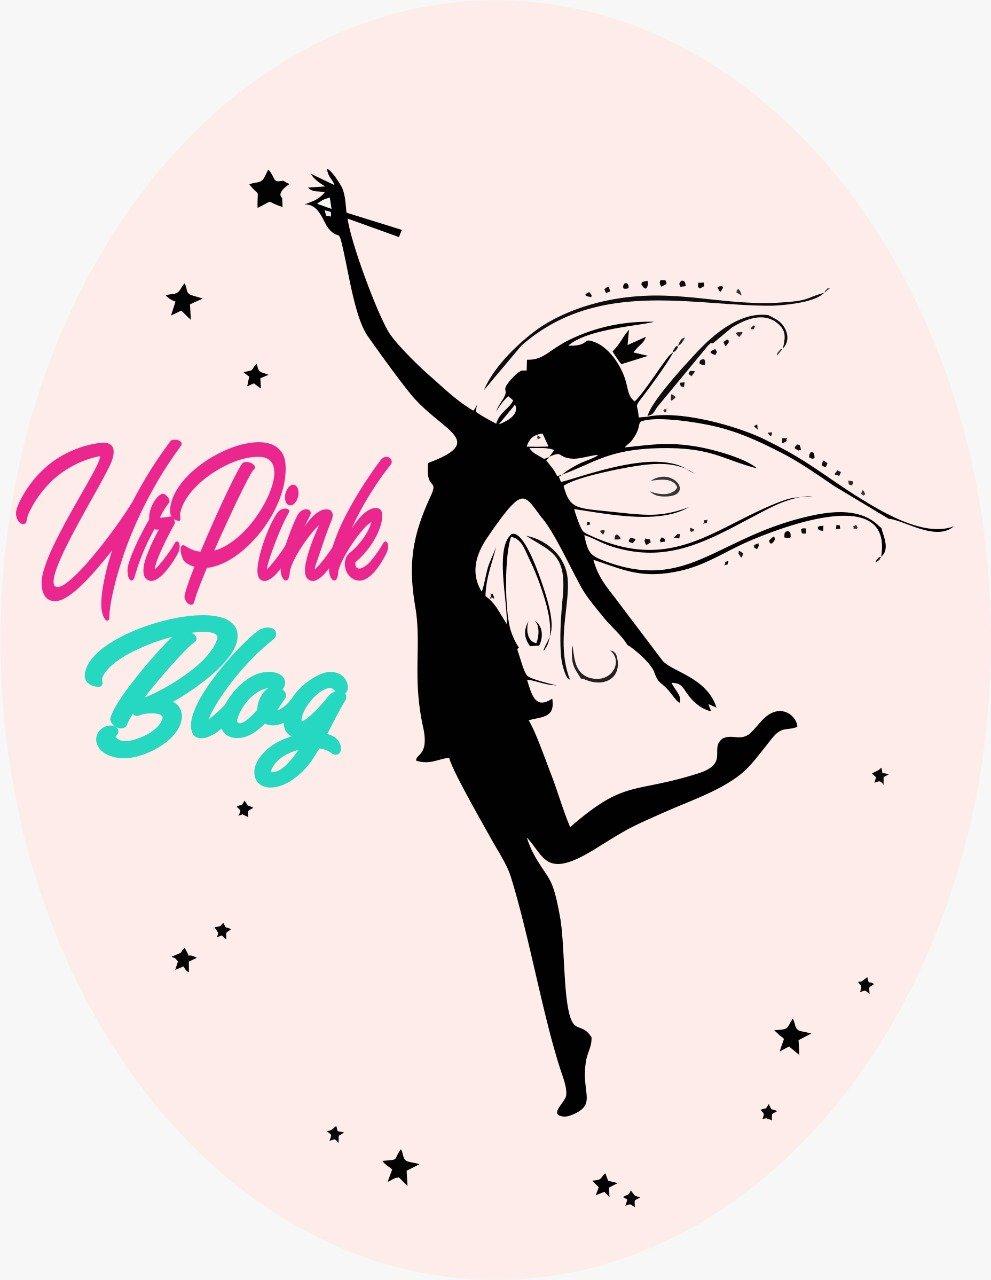 UrPink Blog